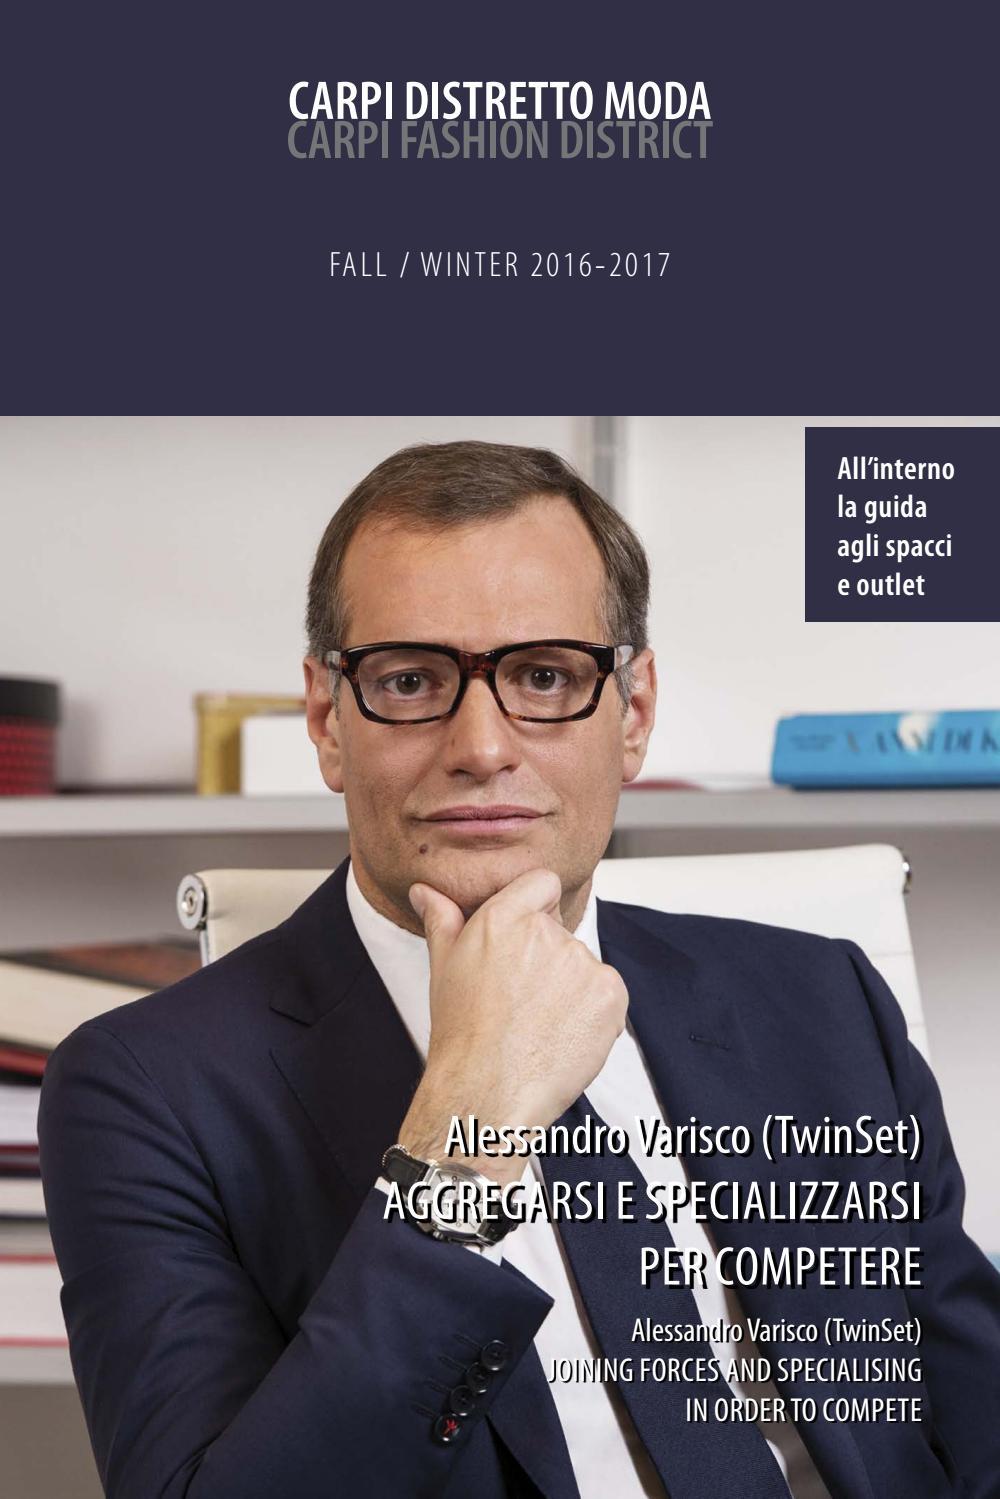 Carpi Distretto Moda FallWinter 2016 2017 by Voce di